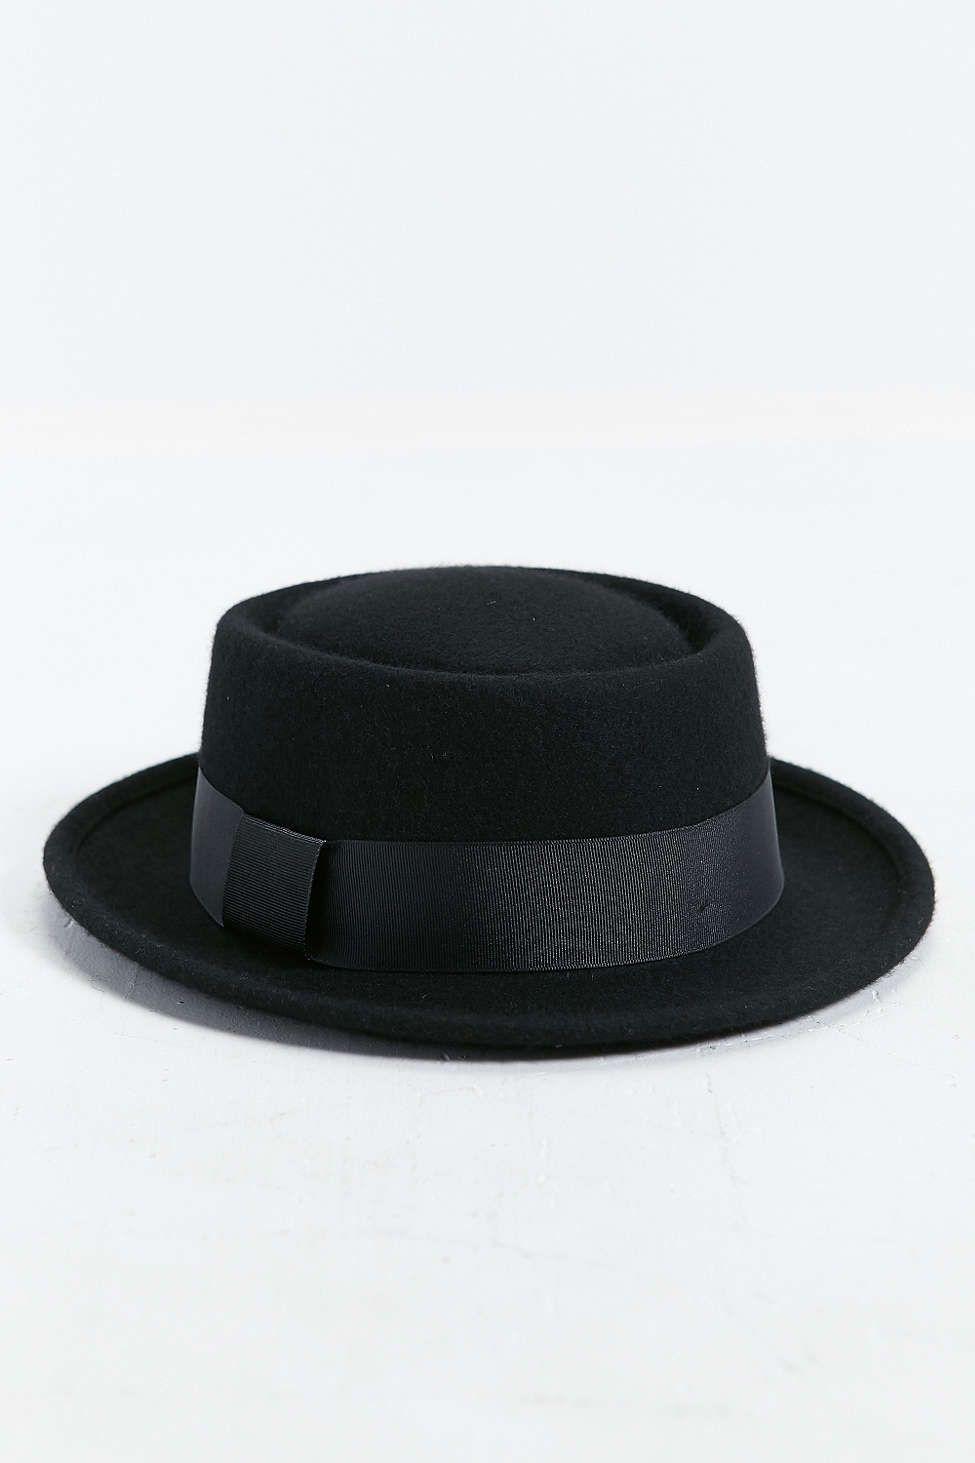 c6e80499c0294 Rosin Felted Pork Pie Hat